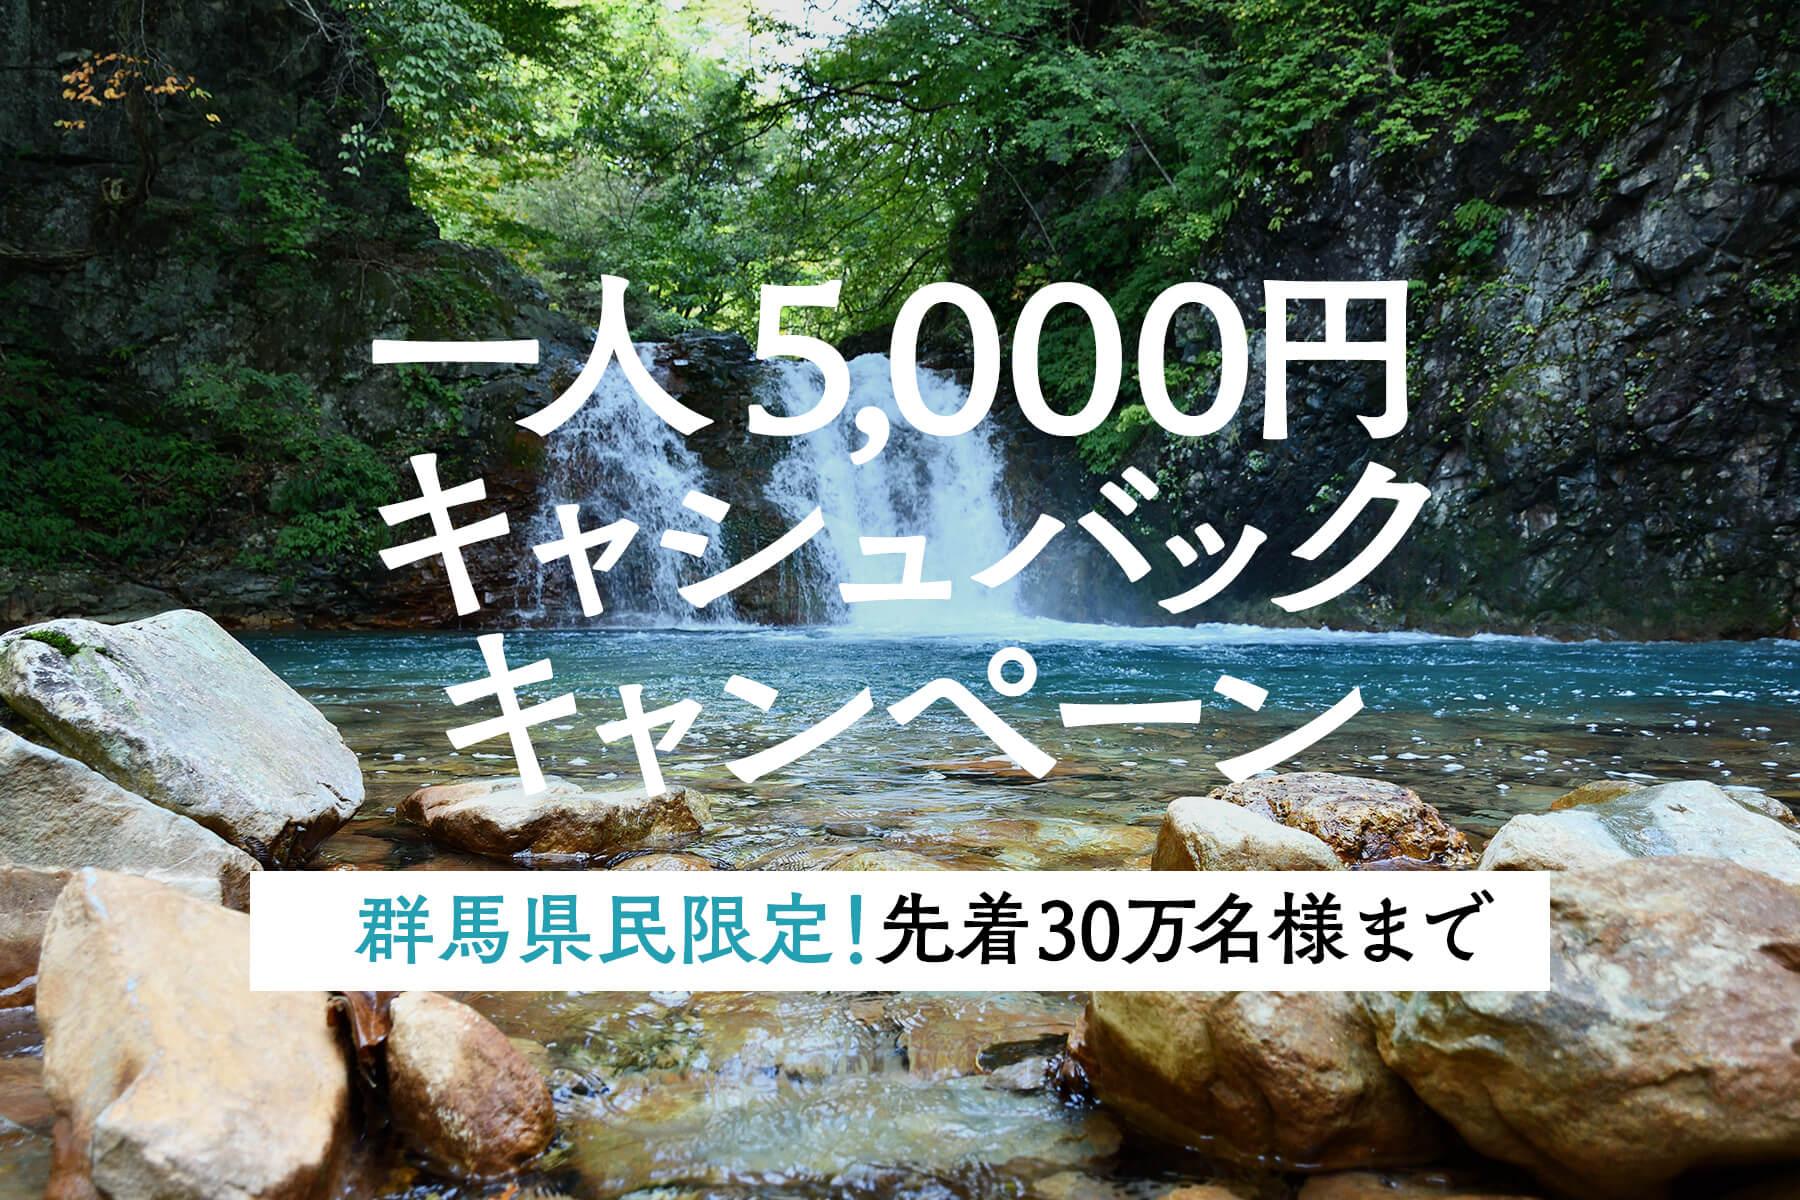 群馬県民限定!一人5,000円キャッシュバックキャンペーン